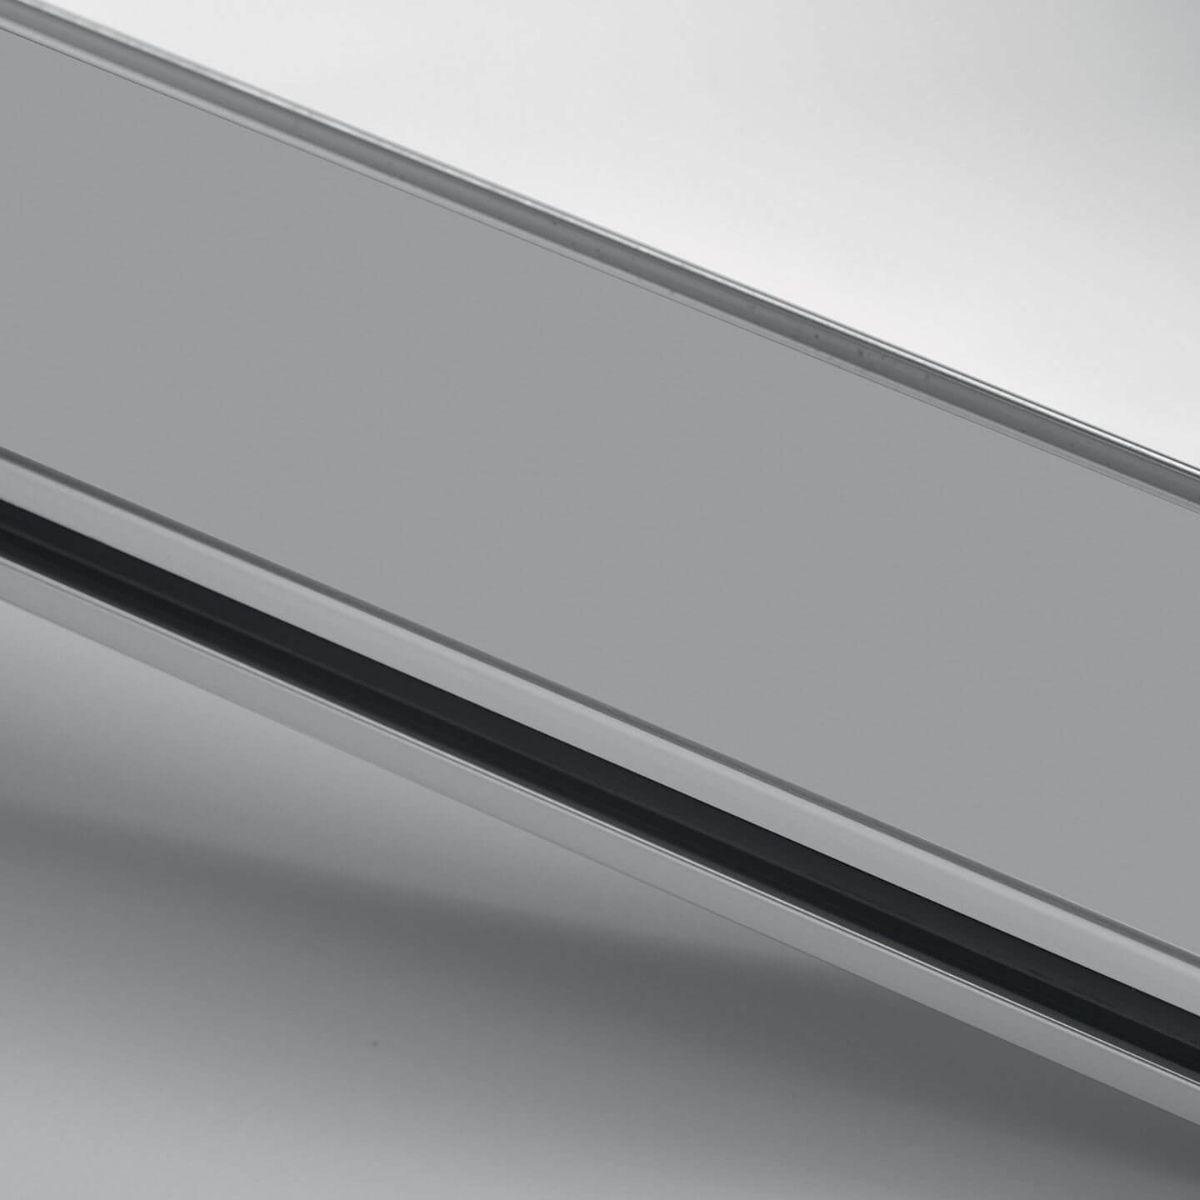 Finitura alluminio verniciato grigio per parete in vetro